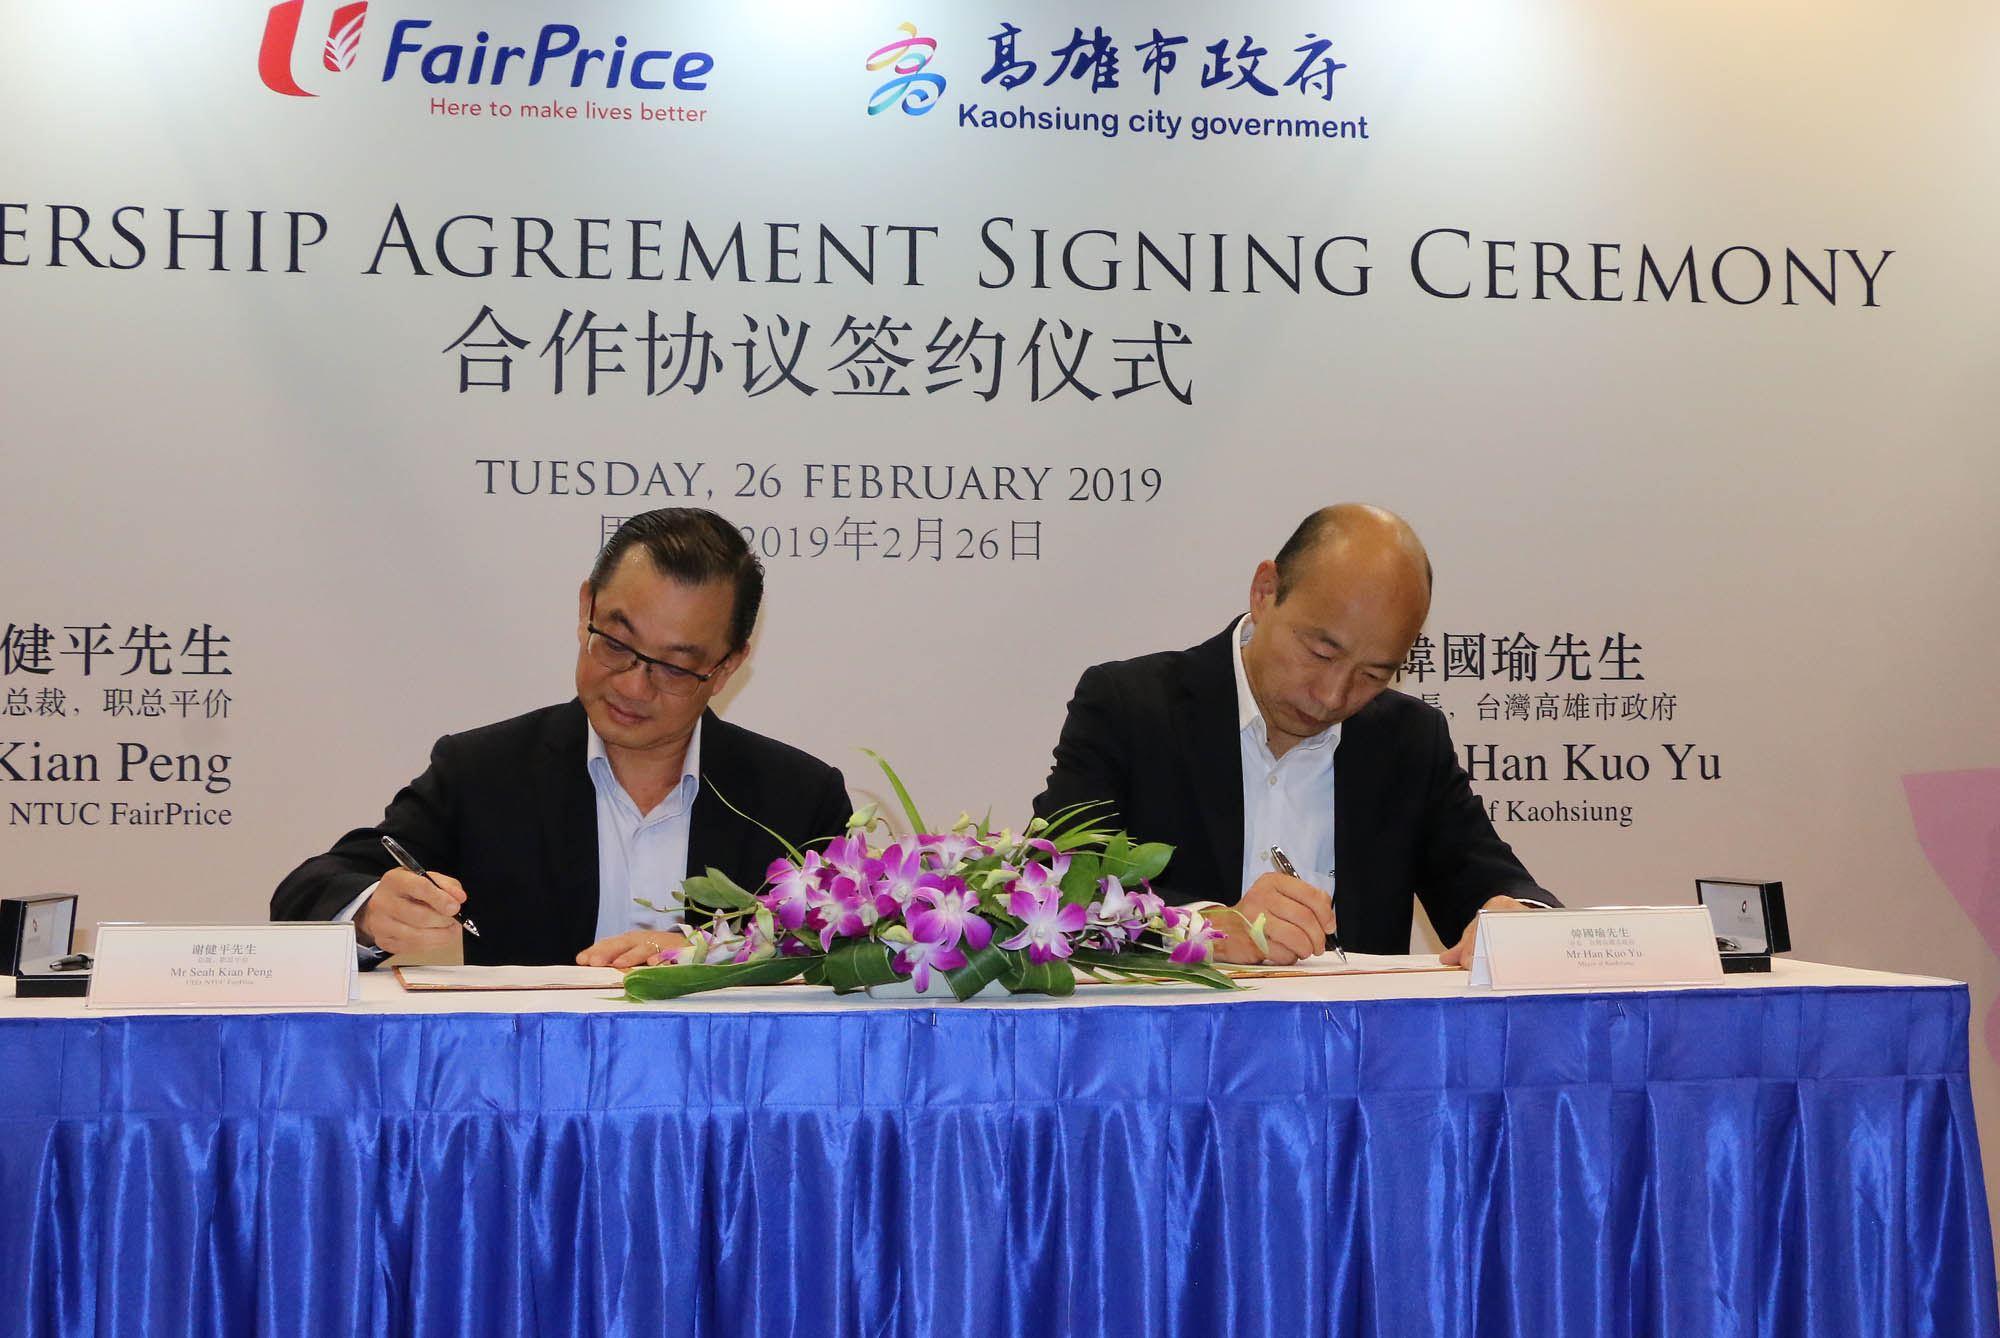 20190226韓國瑜赴星拓銷農產 與FairPrice簽訂長期合約-通稿三.JPG.jpg